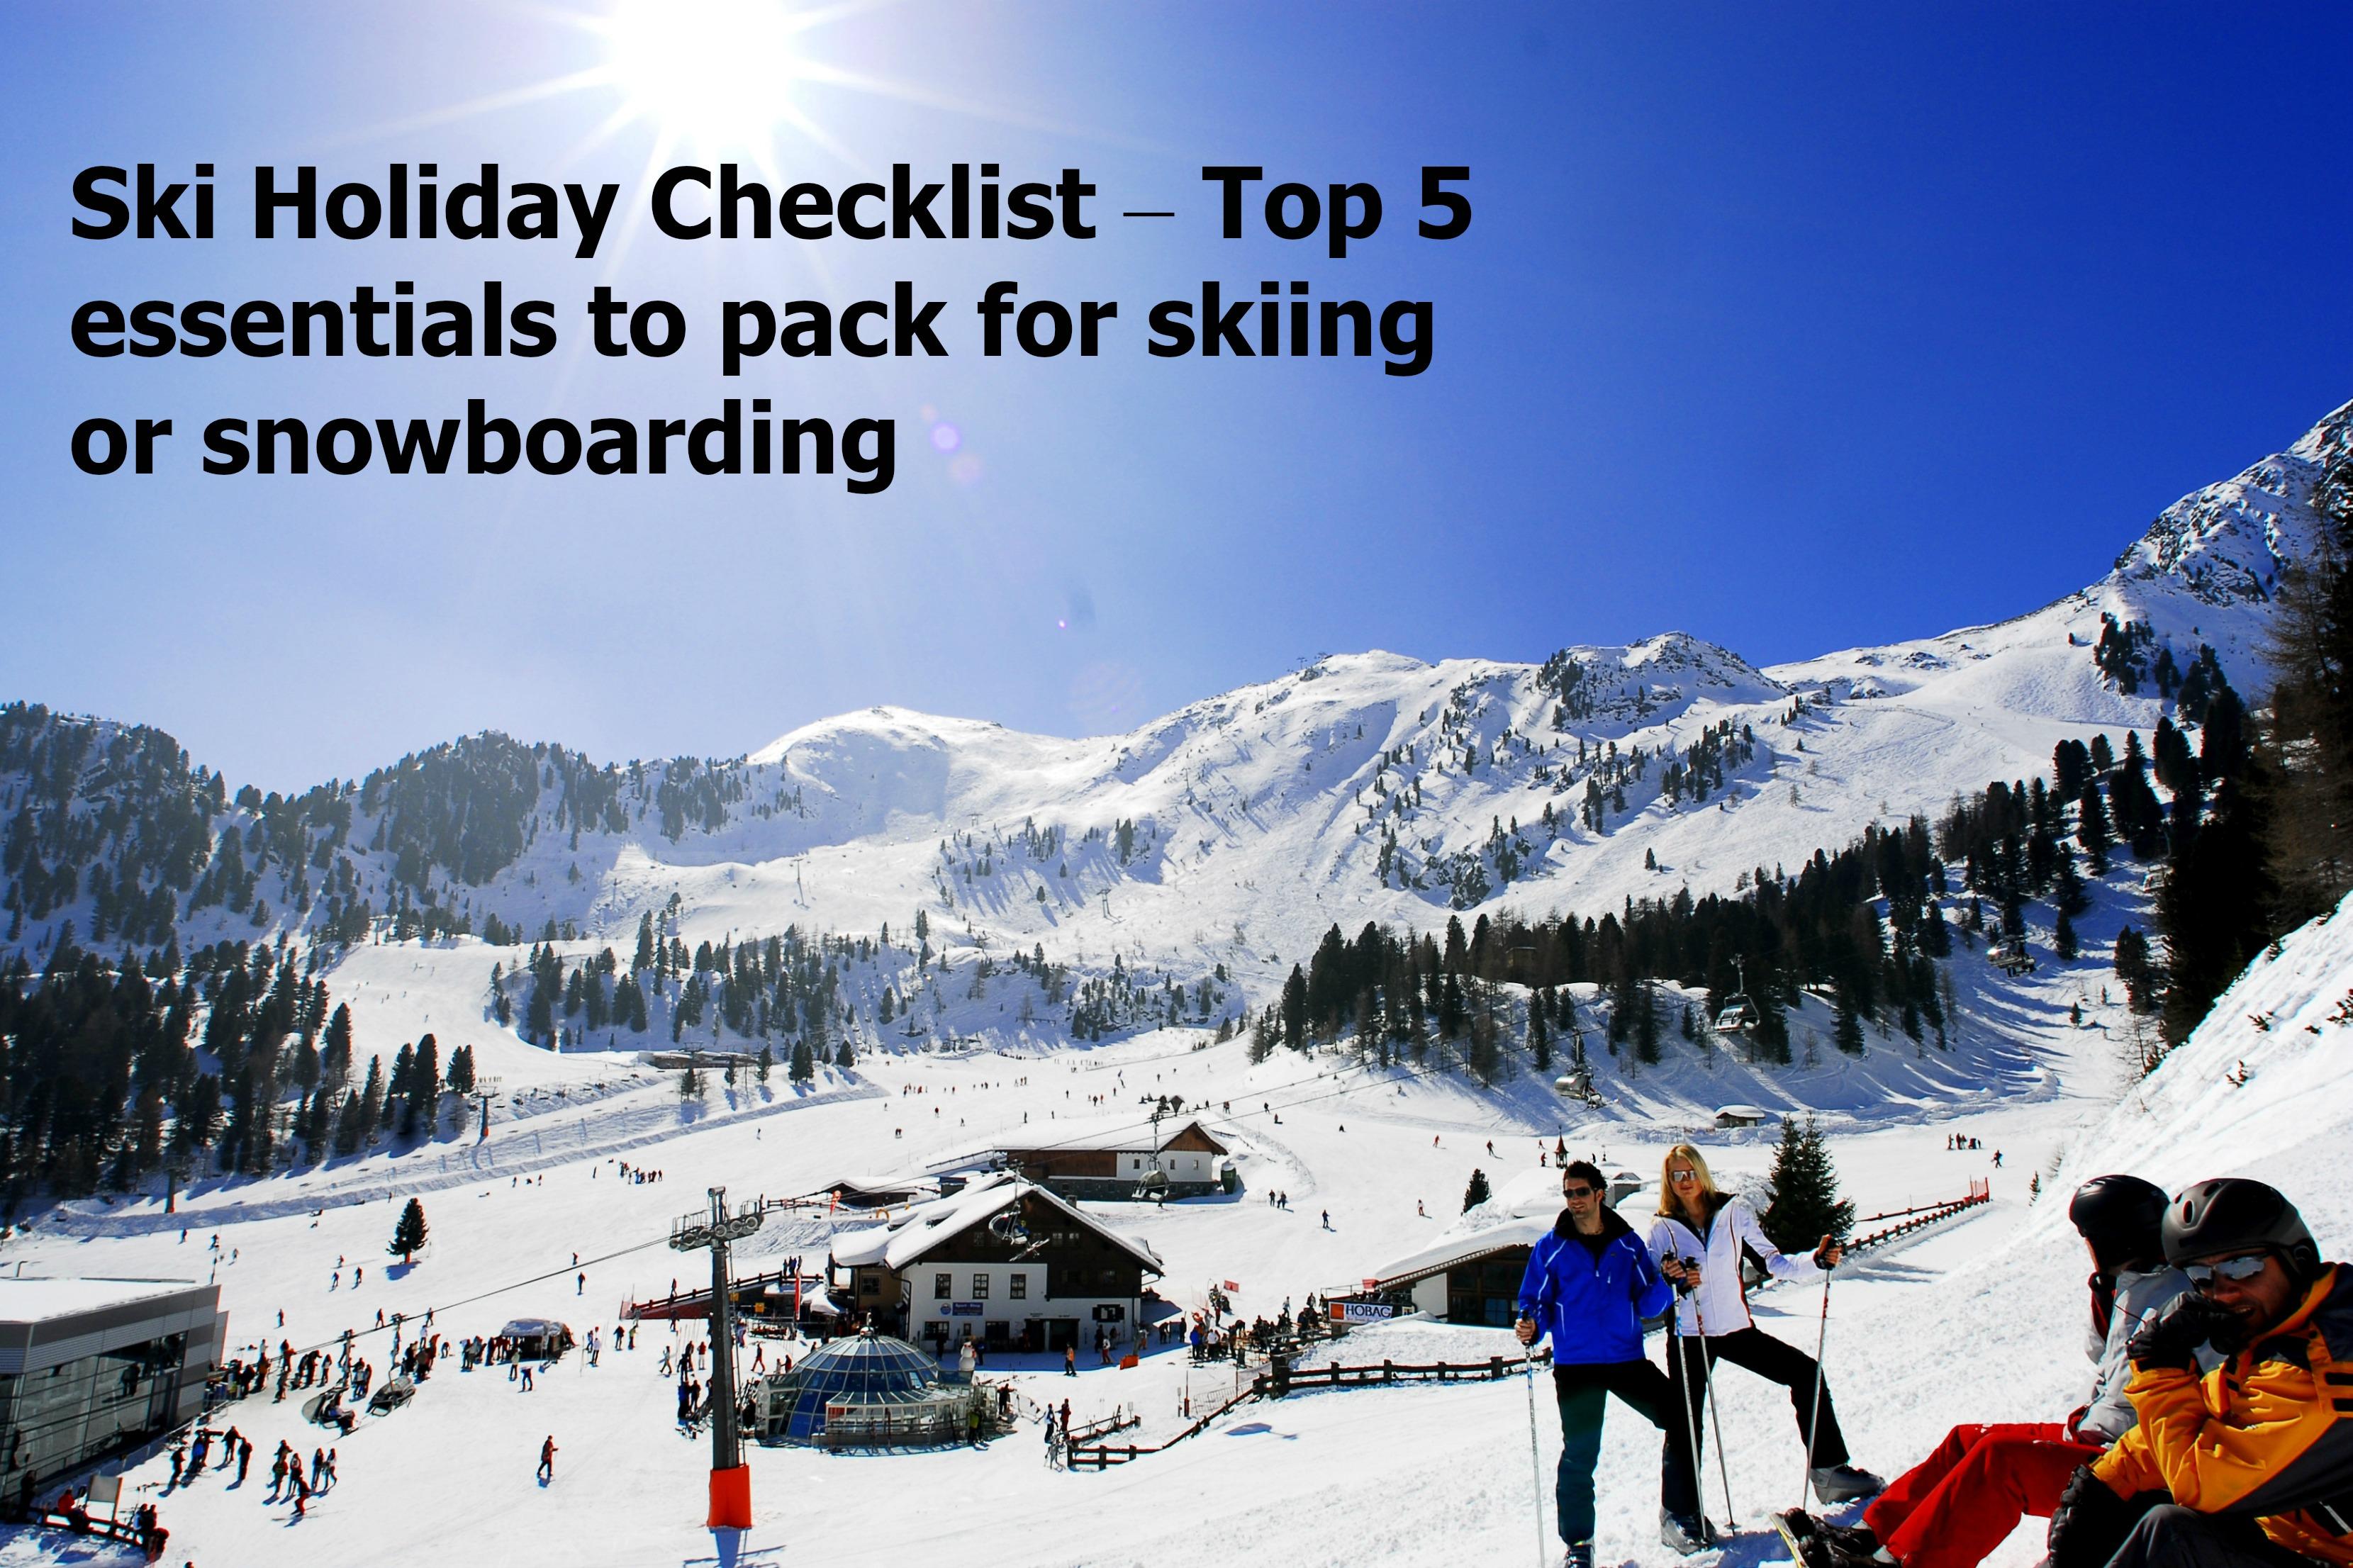 Ski holiday checklist